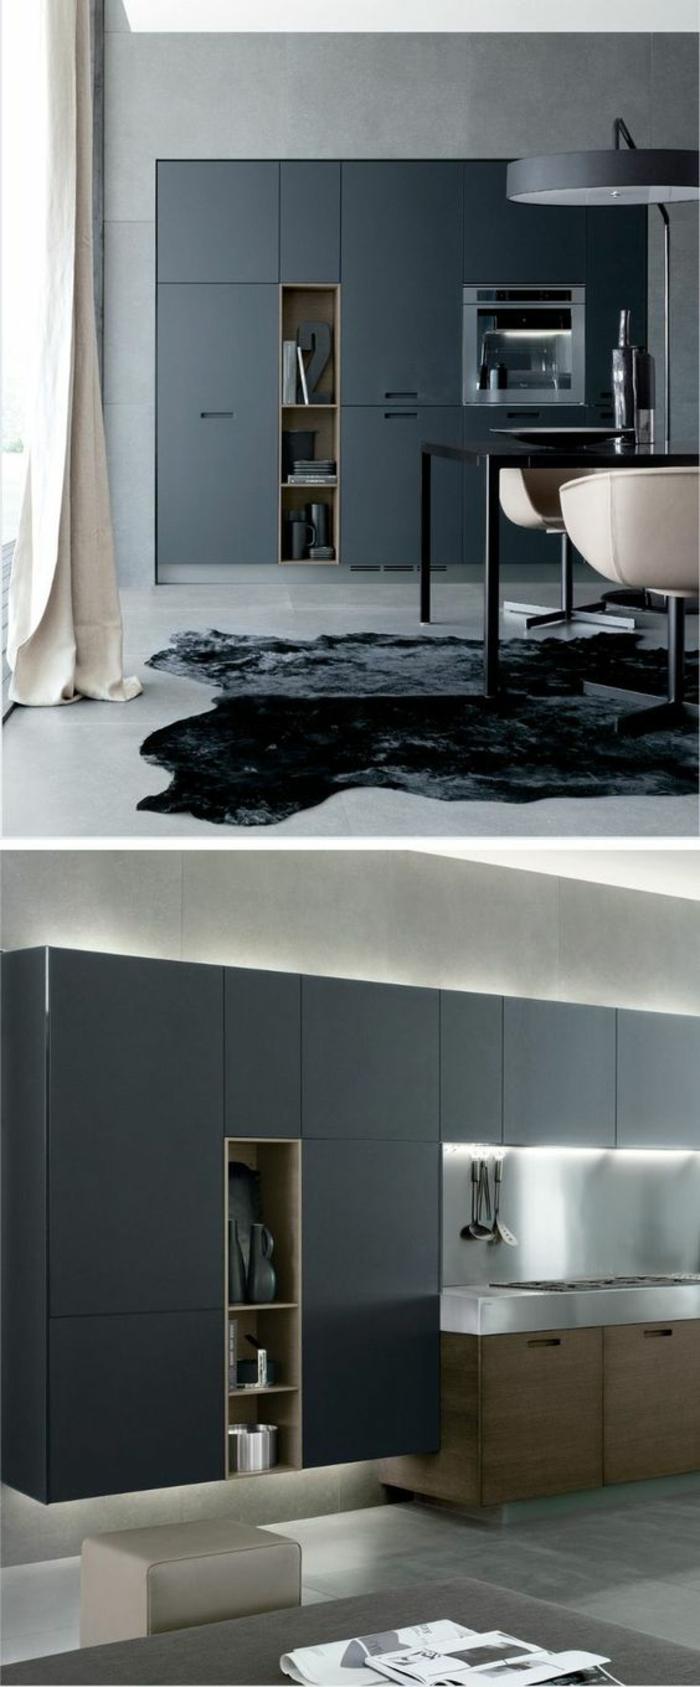 cuisine noire minimaliste meubles aux lignes pures et simples